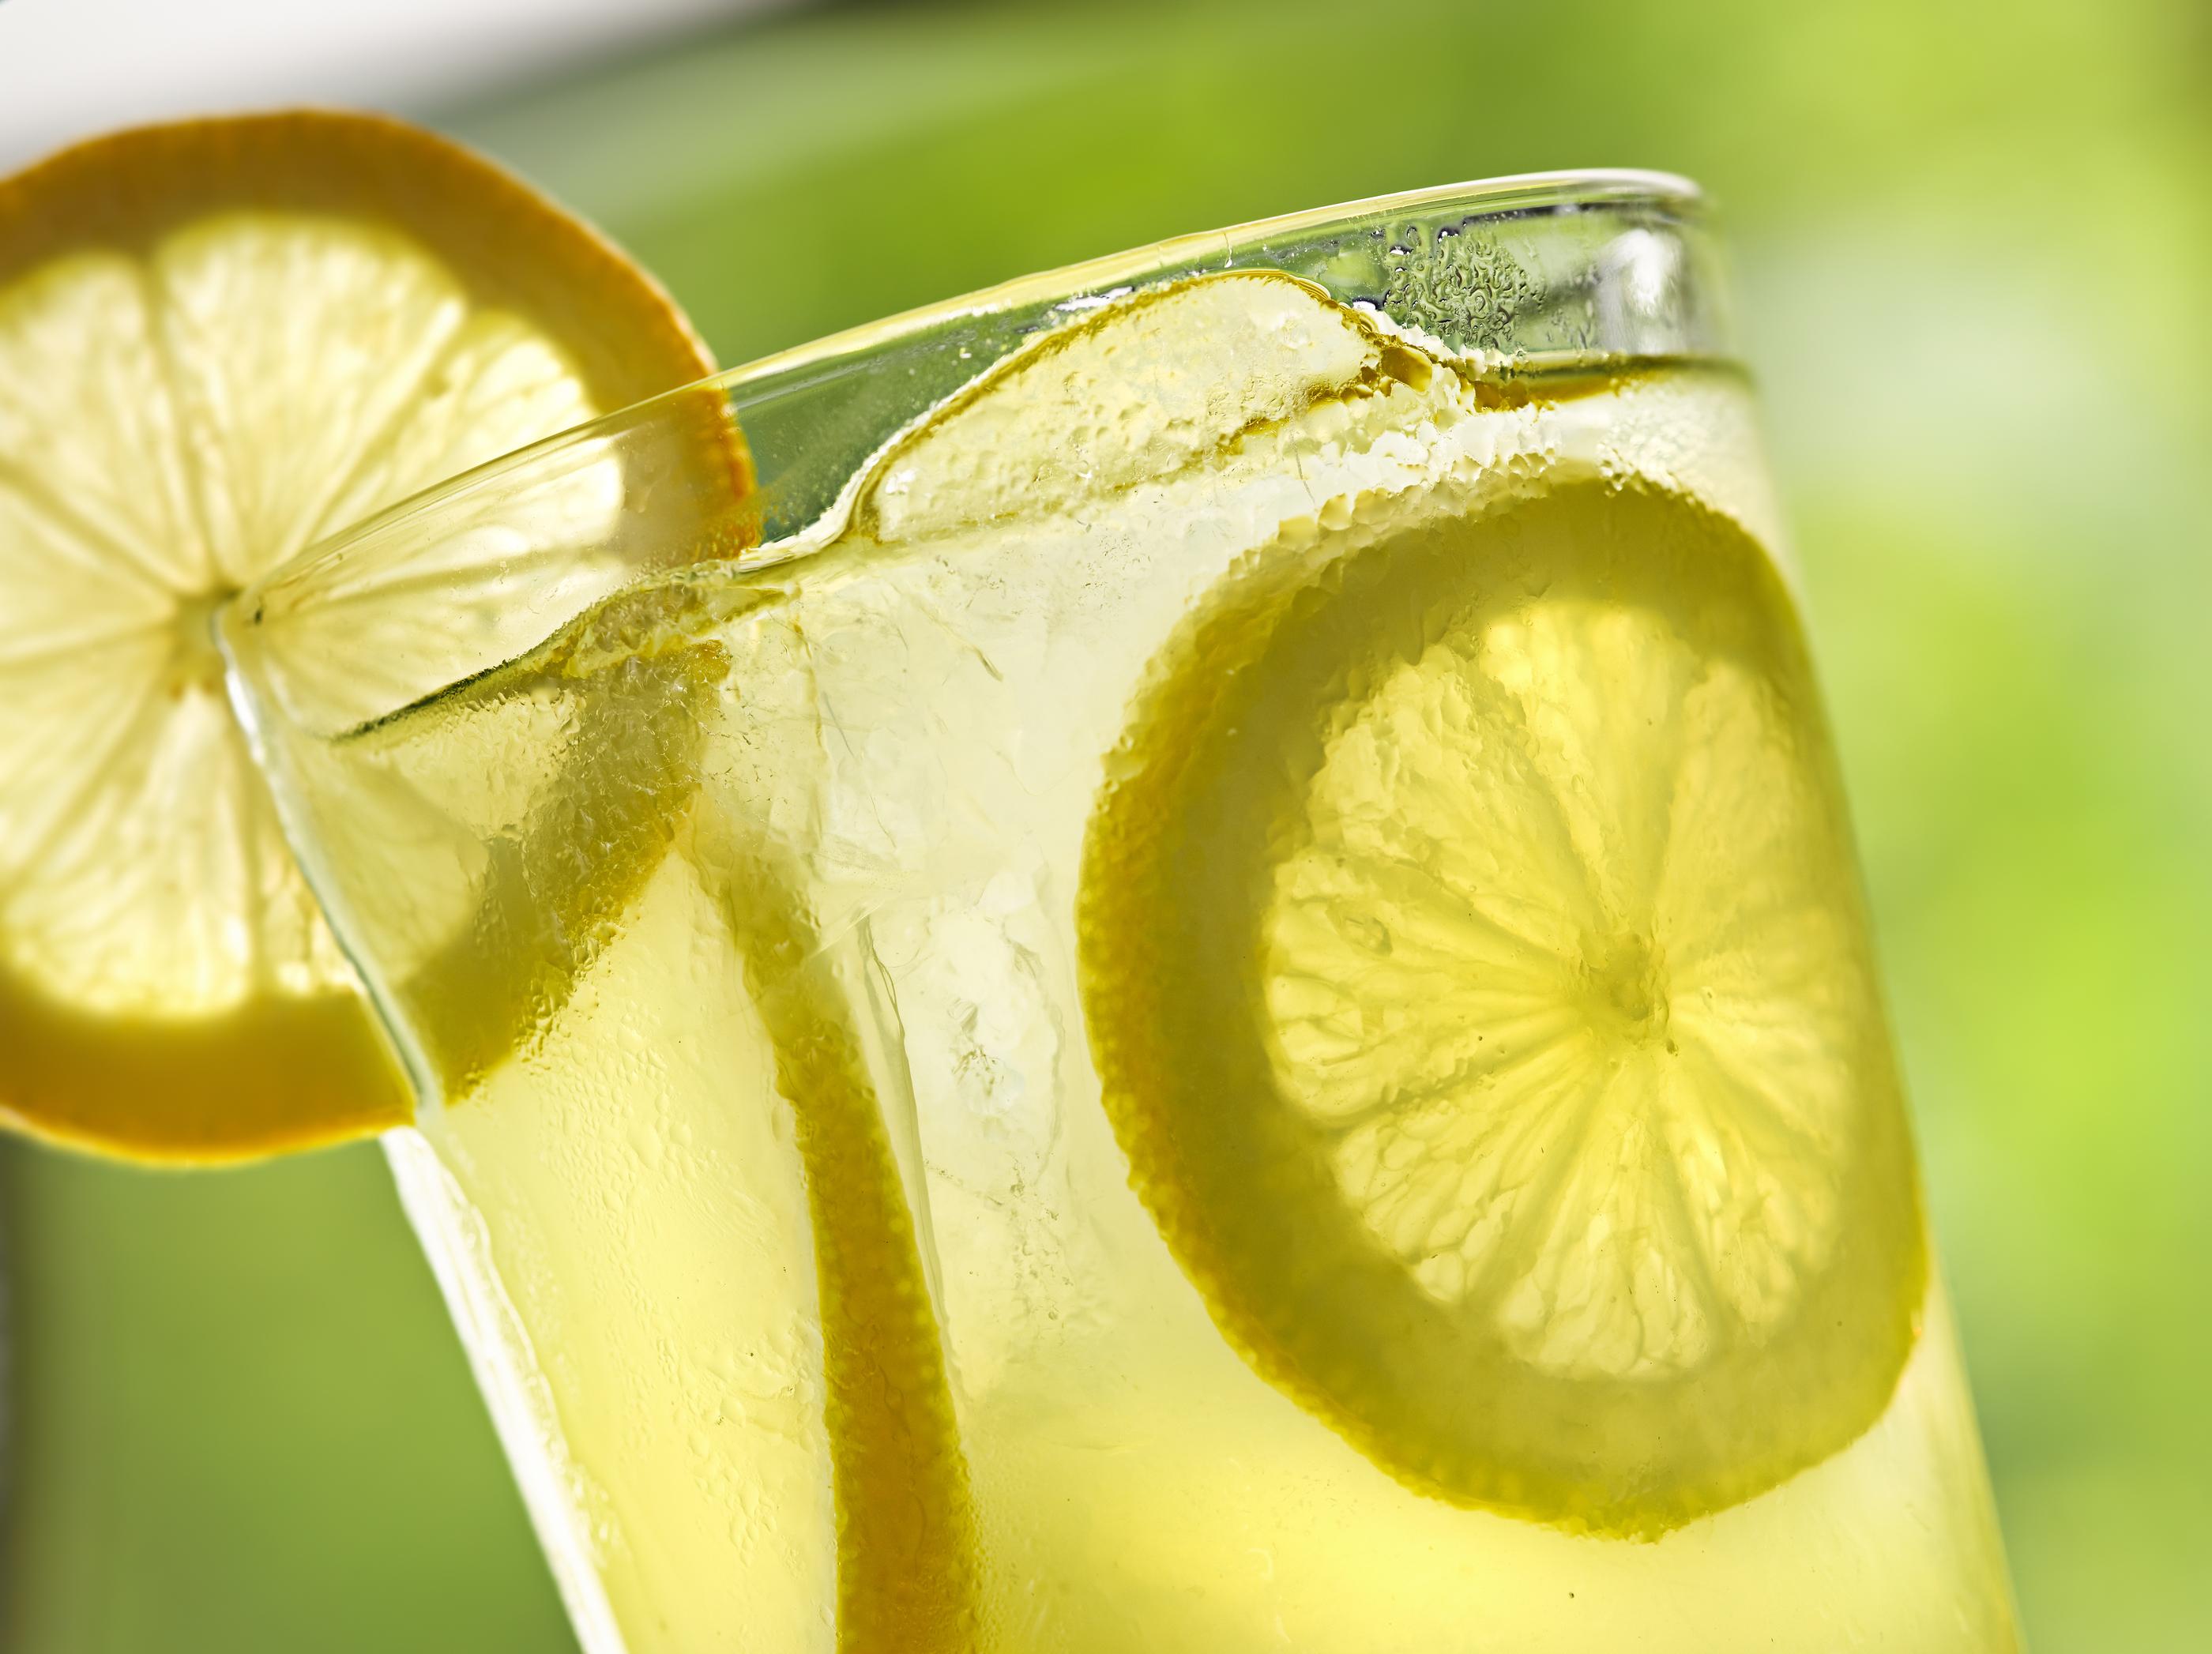 Live in Santa Barbara and celebrate lemons.